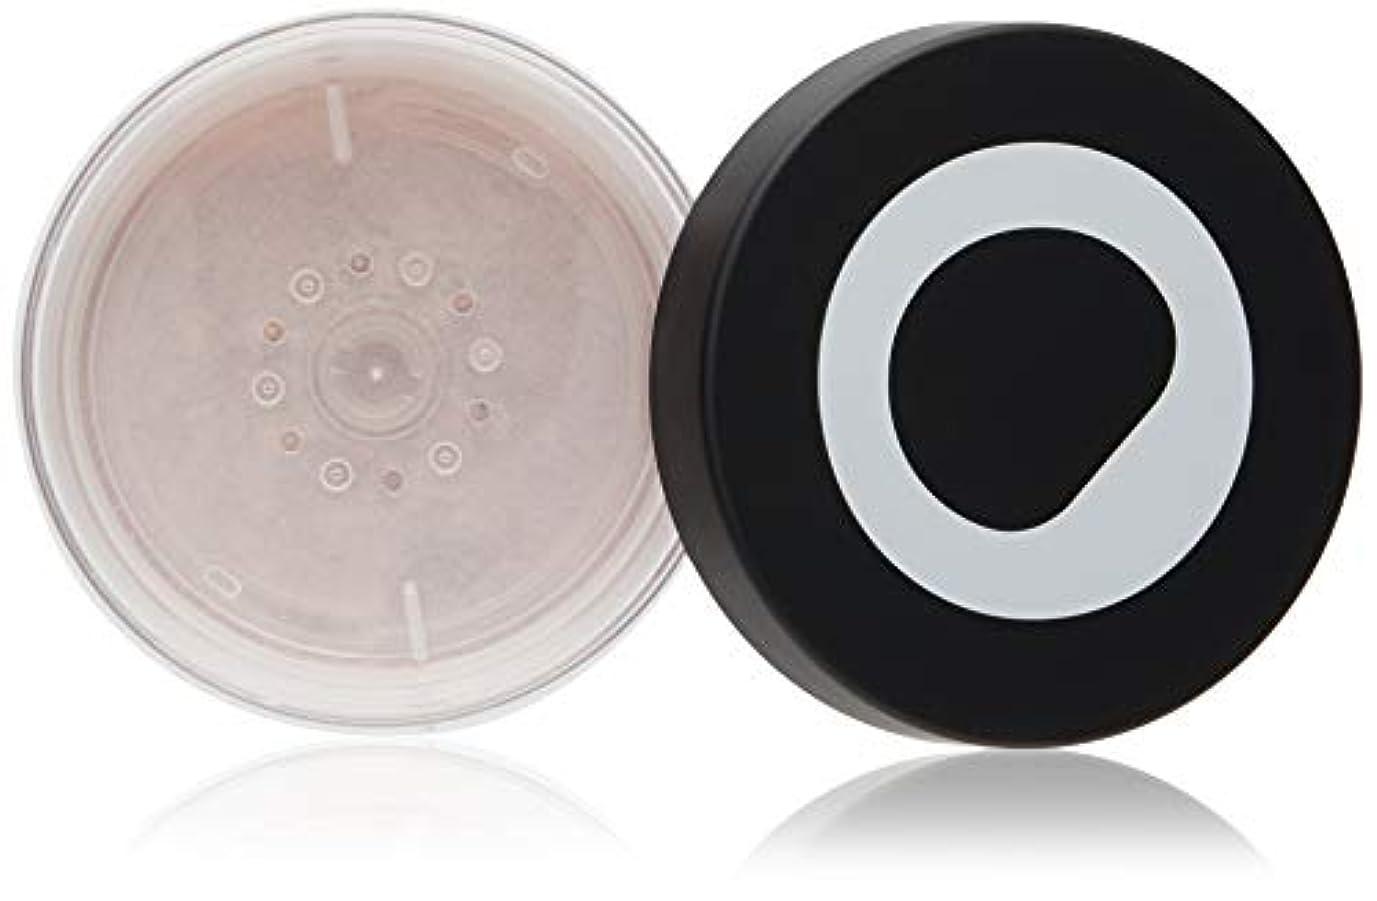 鼓舞する虫みプリオリ Mineral Skincare Broad Spectrum SPF25 - # Shade 1 (Fx351) 5g/0.17oz並行輸入品